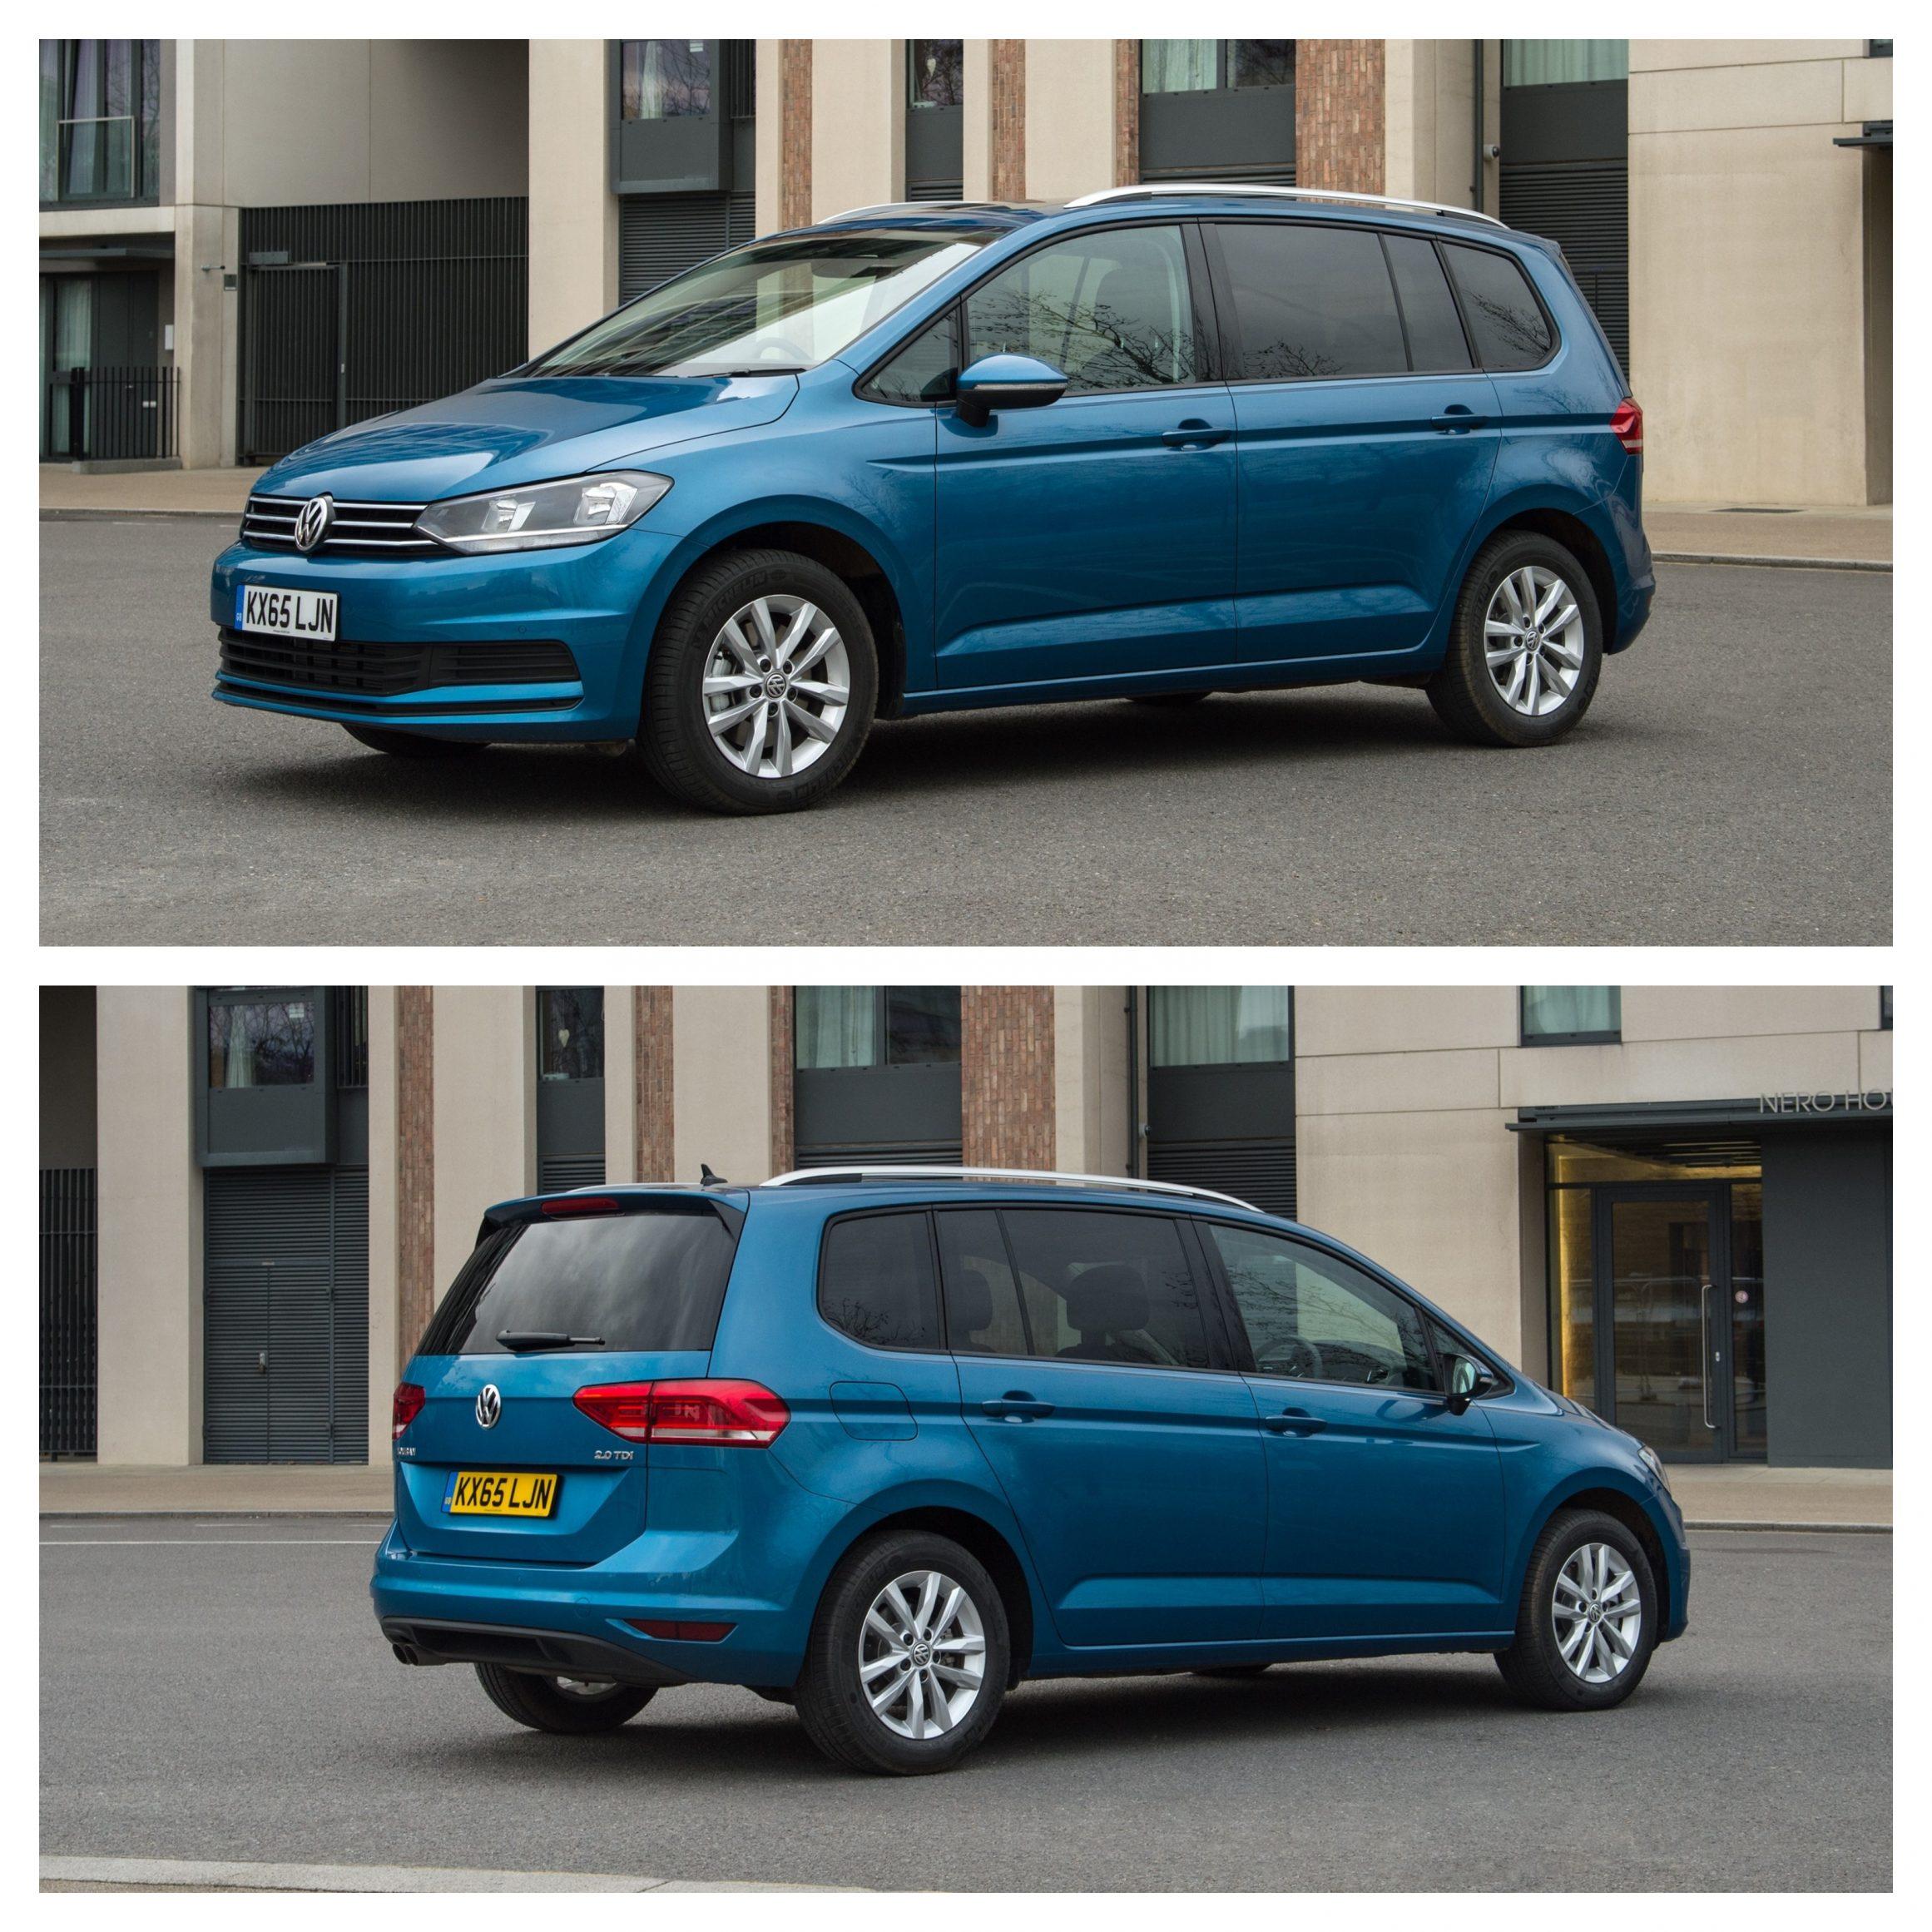 2021 Volkswagen Touran Review - exterior design